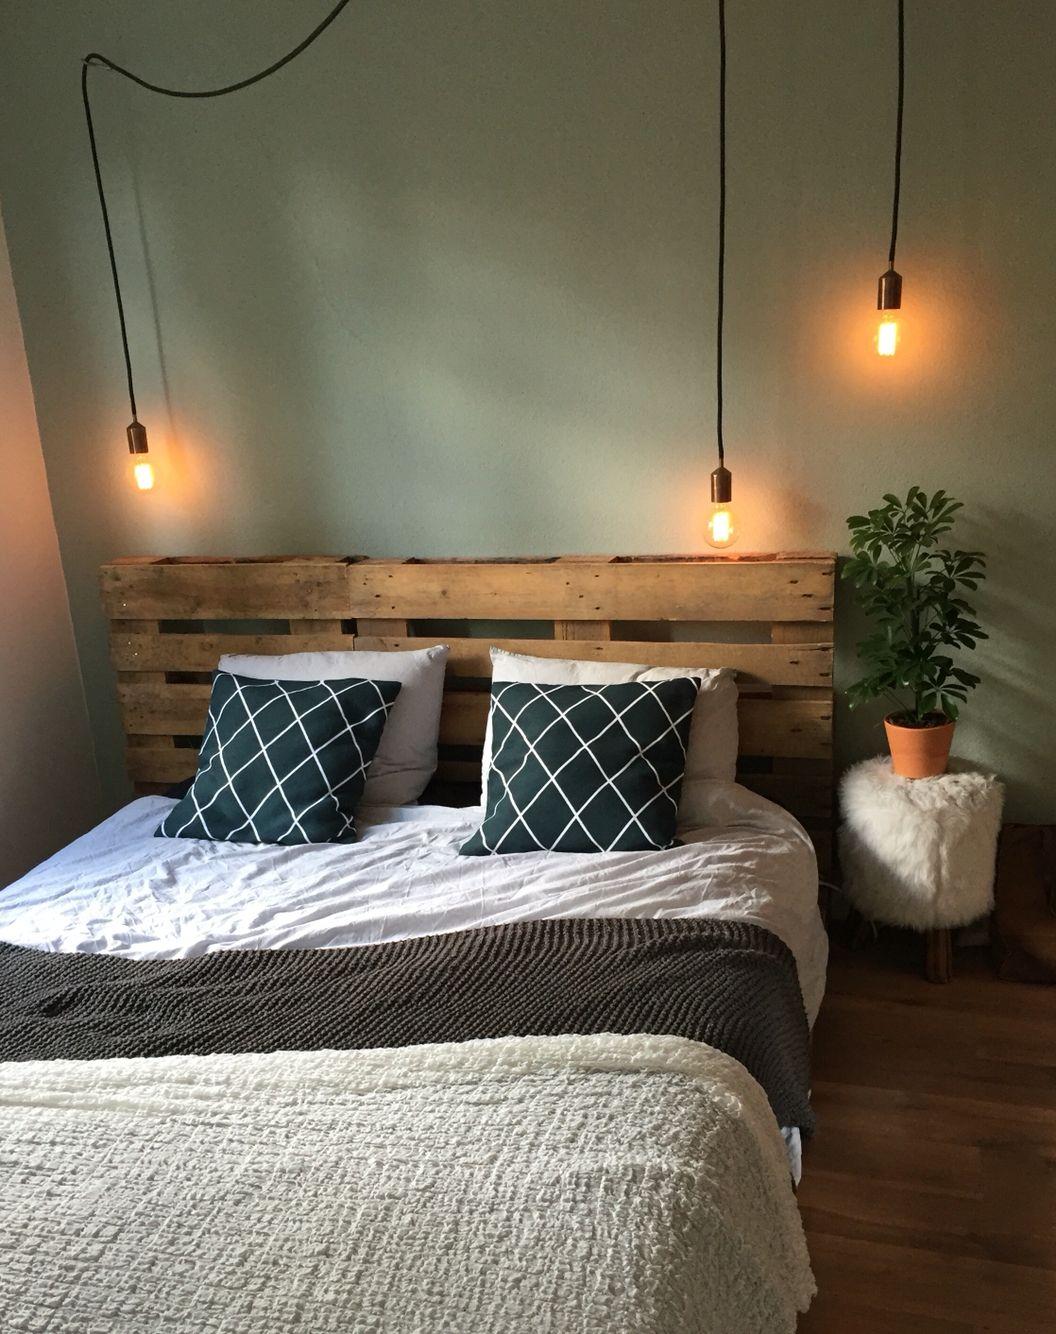 Slaapkamer, bed, sleepingroom, green wall, lampjes, slapen, bed van ...